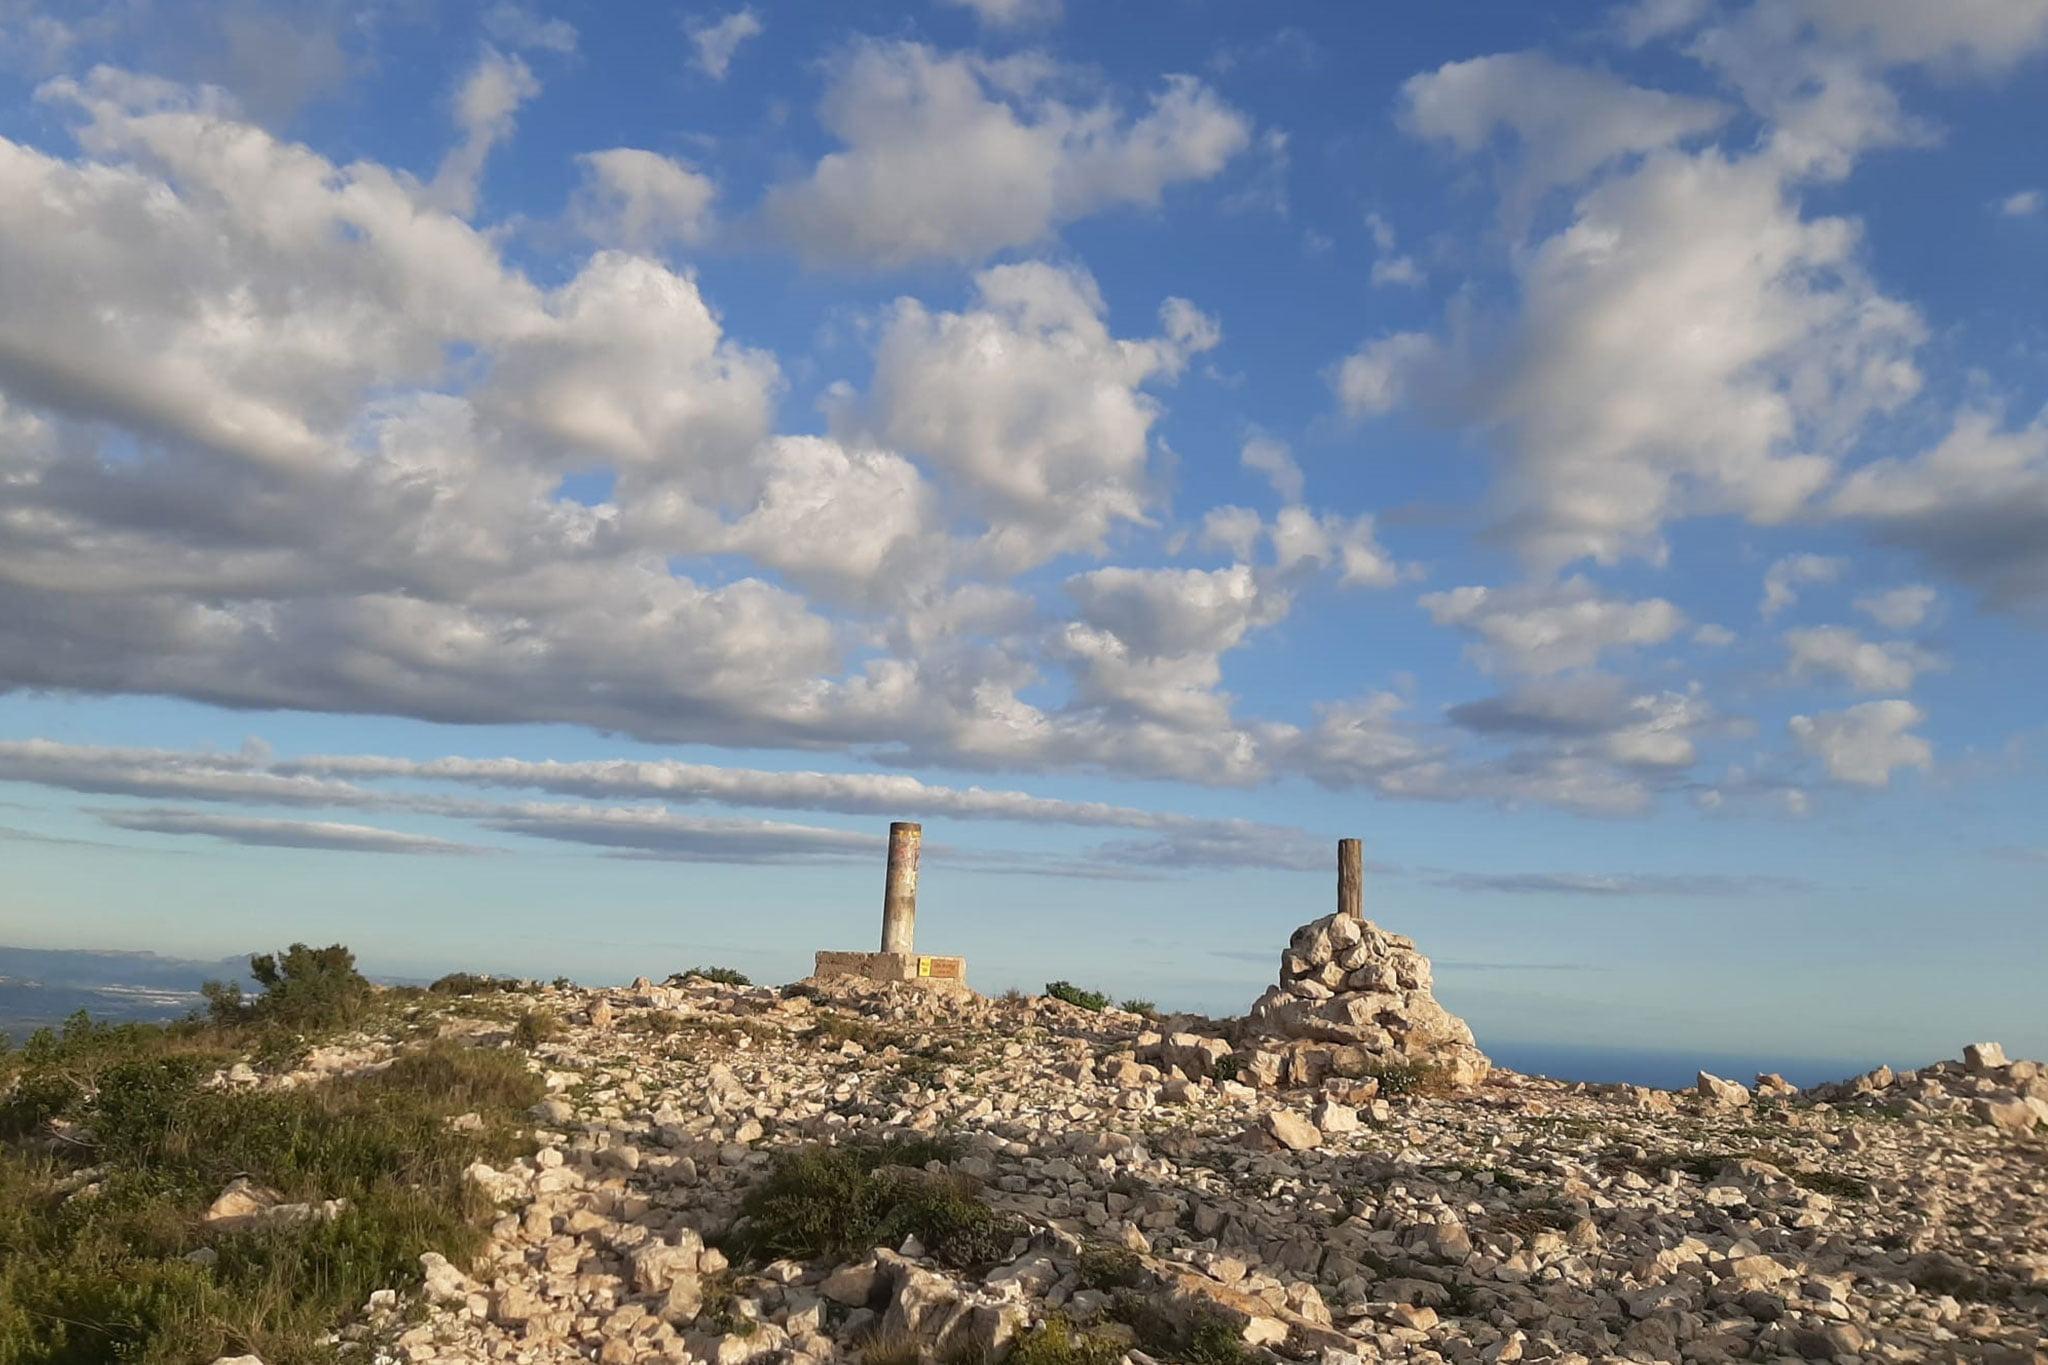 Fotografía actual (septiembre 2020) de lo que queda de la Creu de Xàbia (Fuente: CEX, Centre Excursionista de Xàbia)